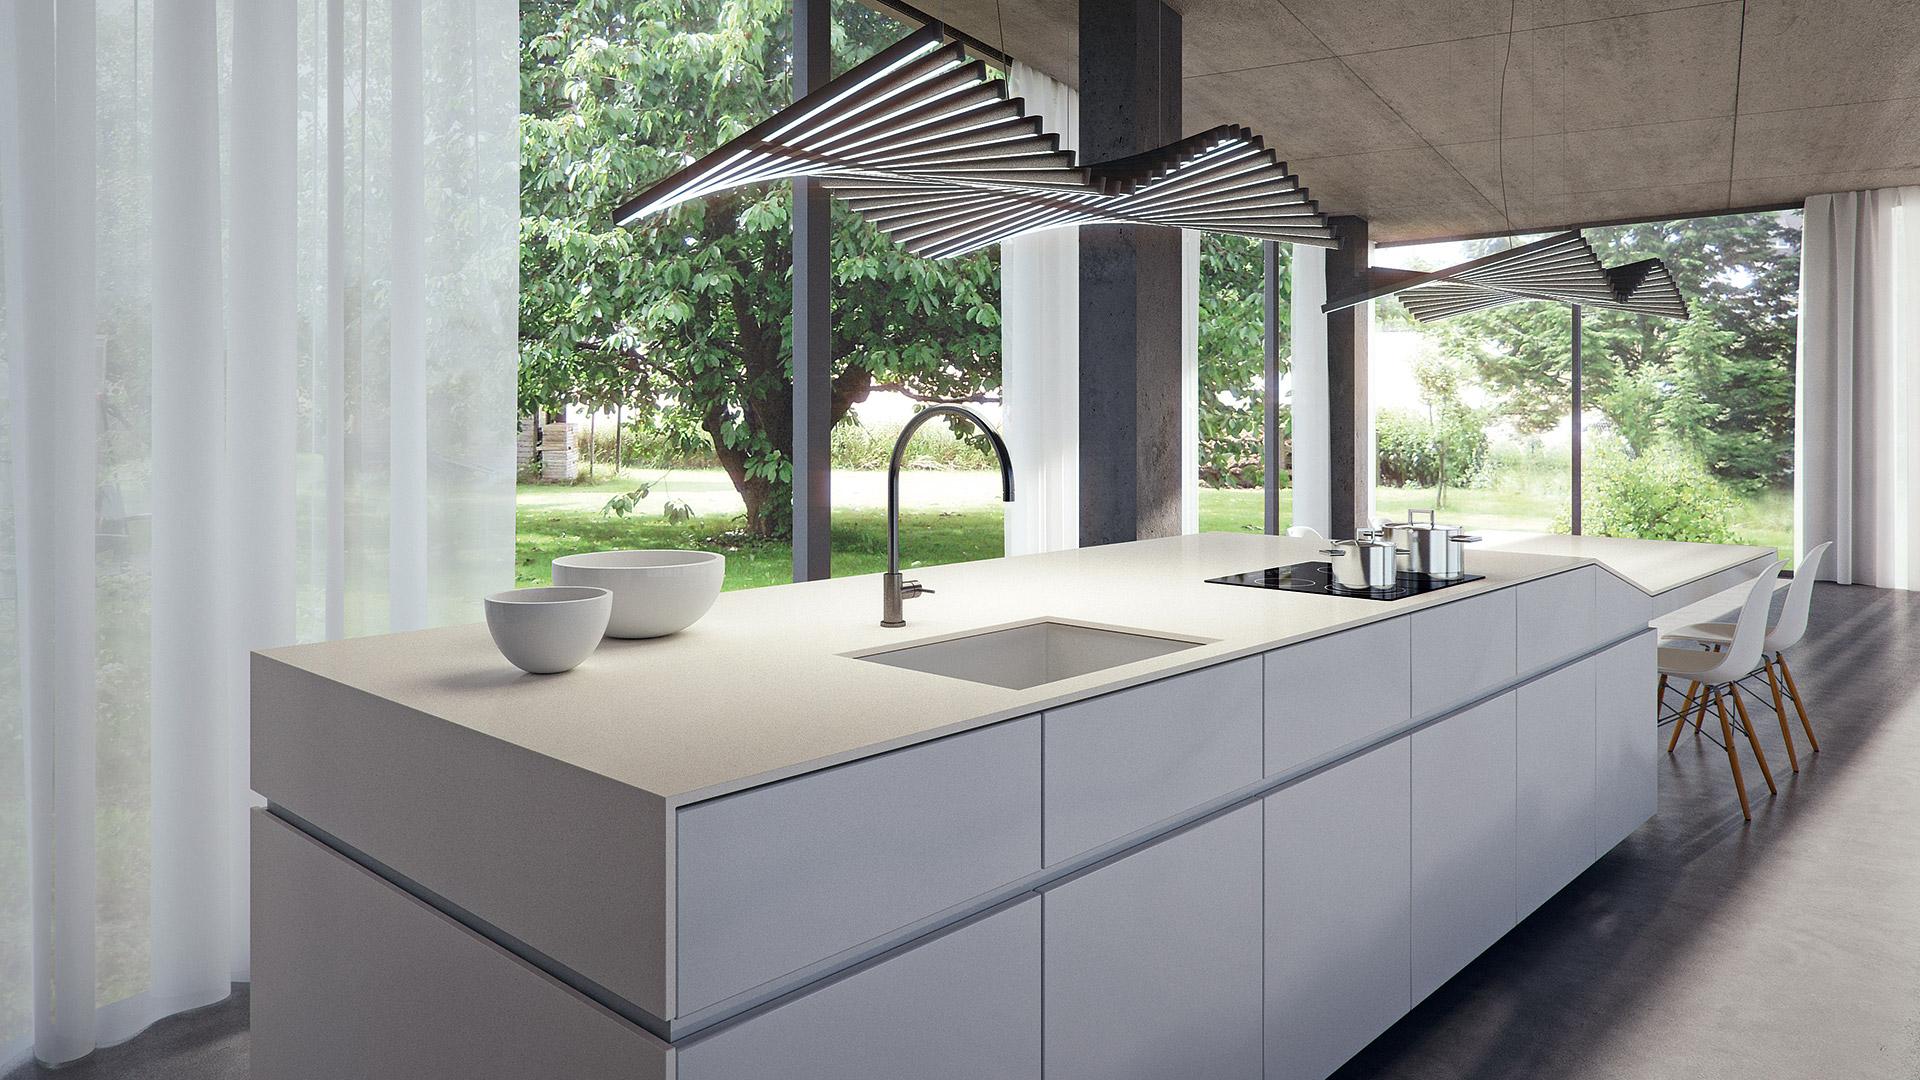 4001_Fresh-Concrete_Render-1-1920X1080-1